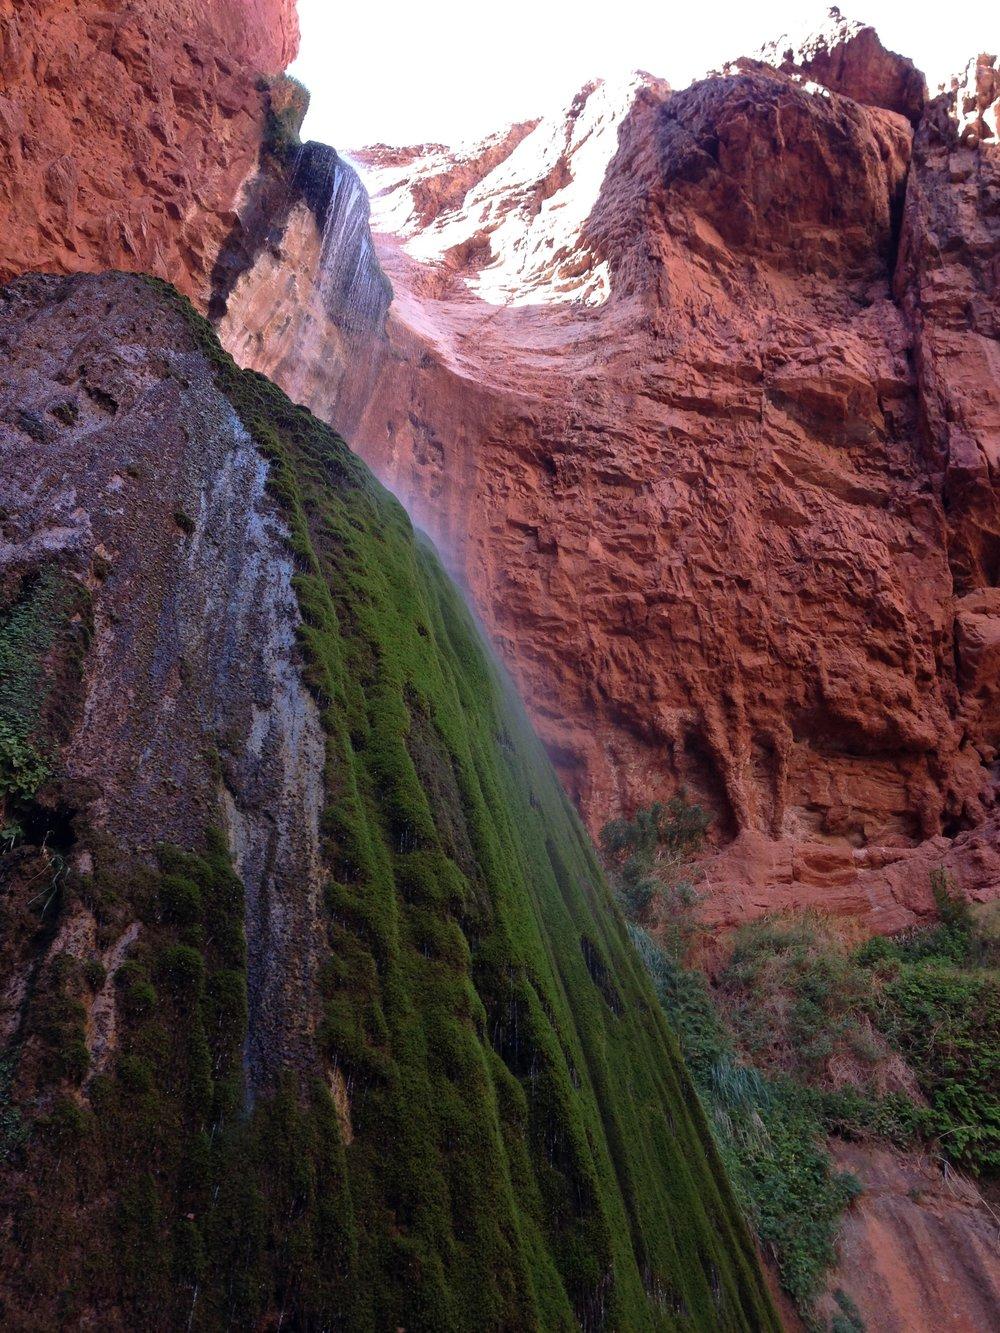 Ribbon Falls - a worthy detour